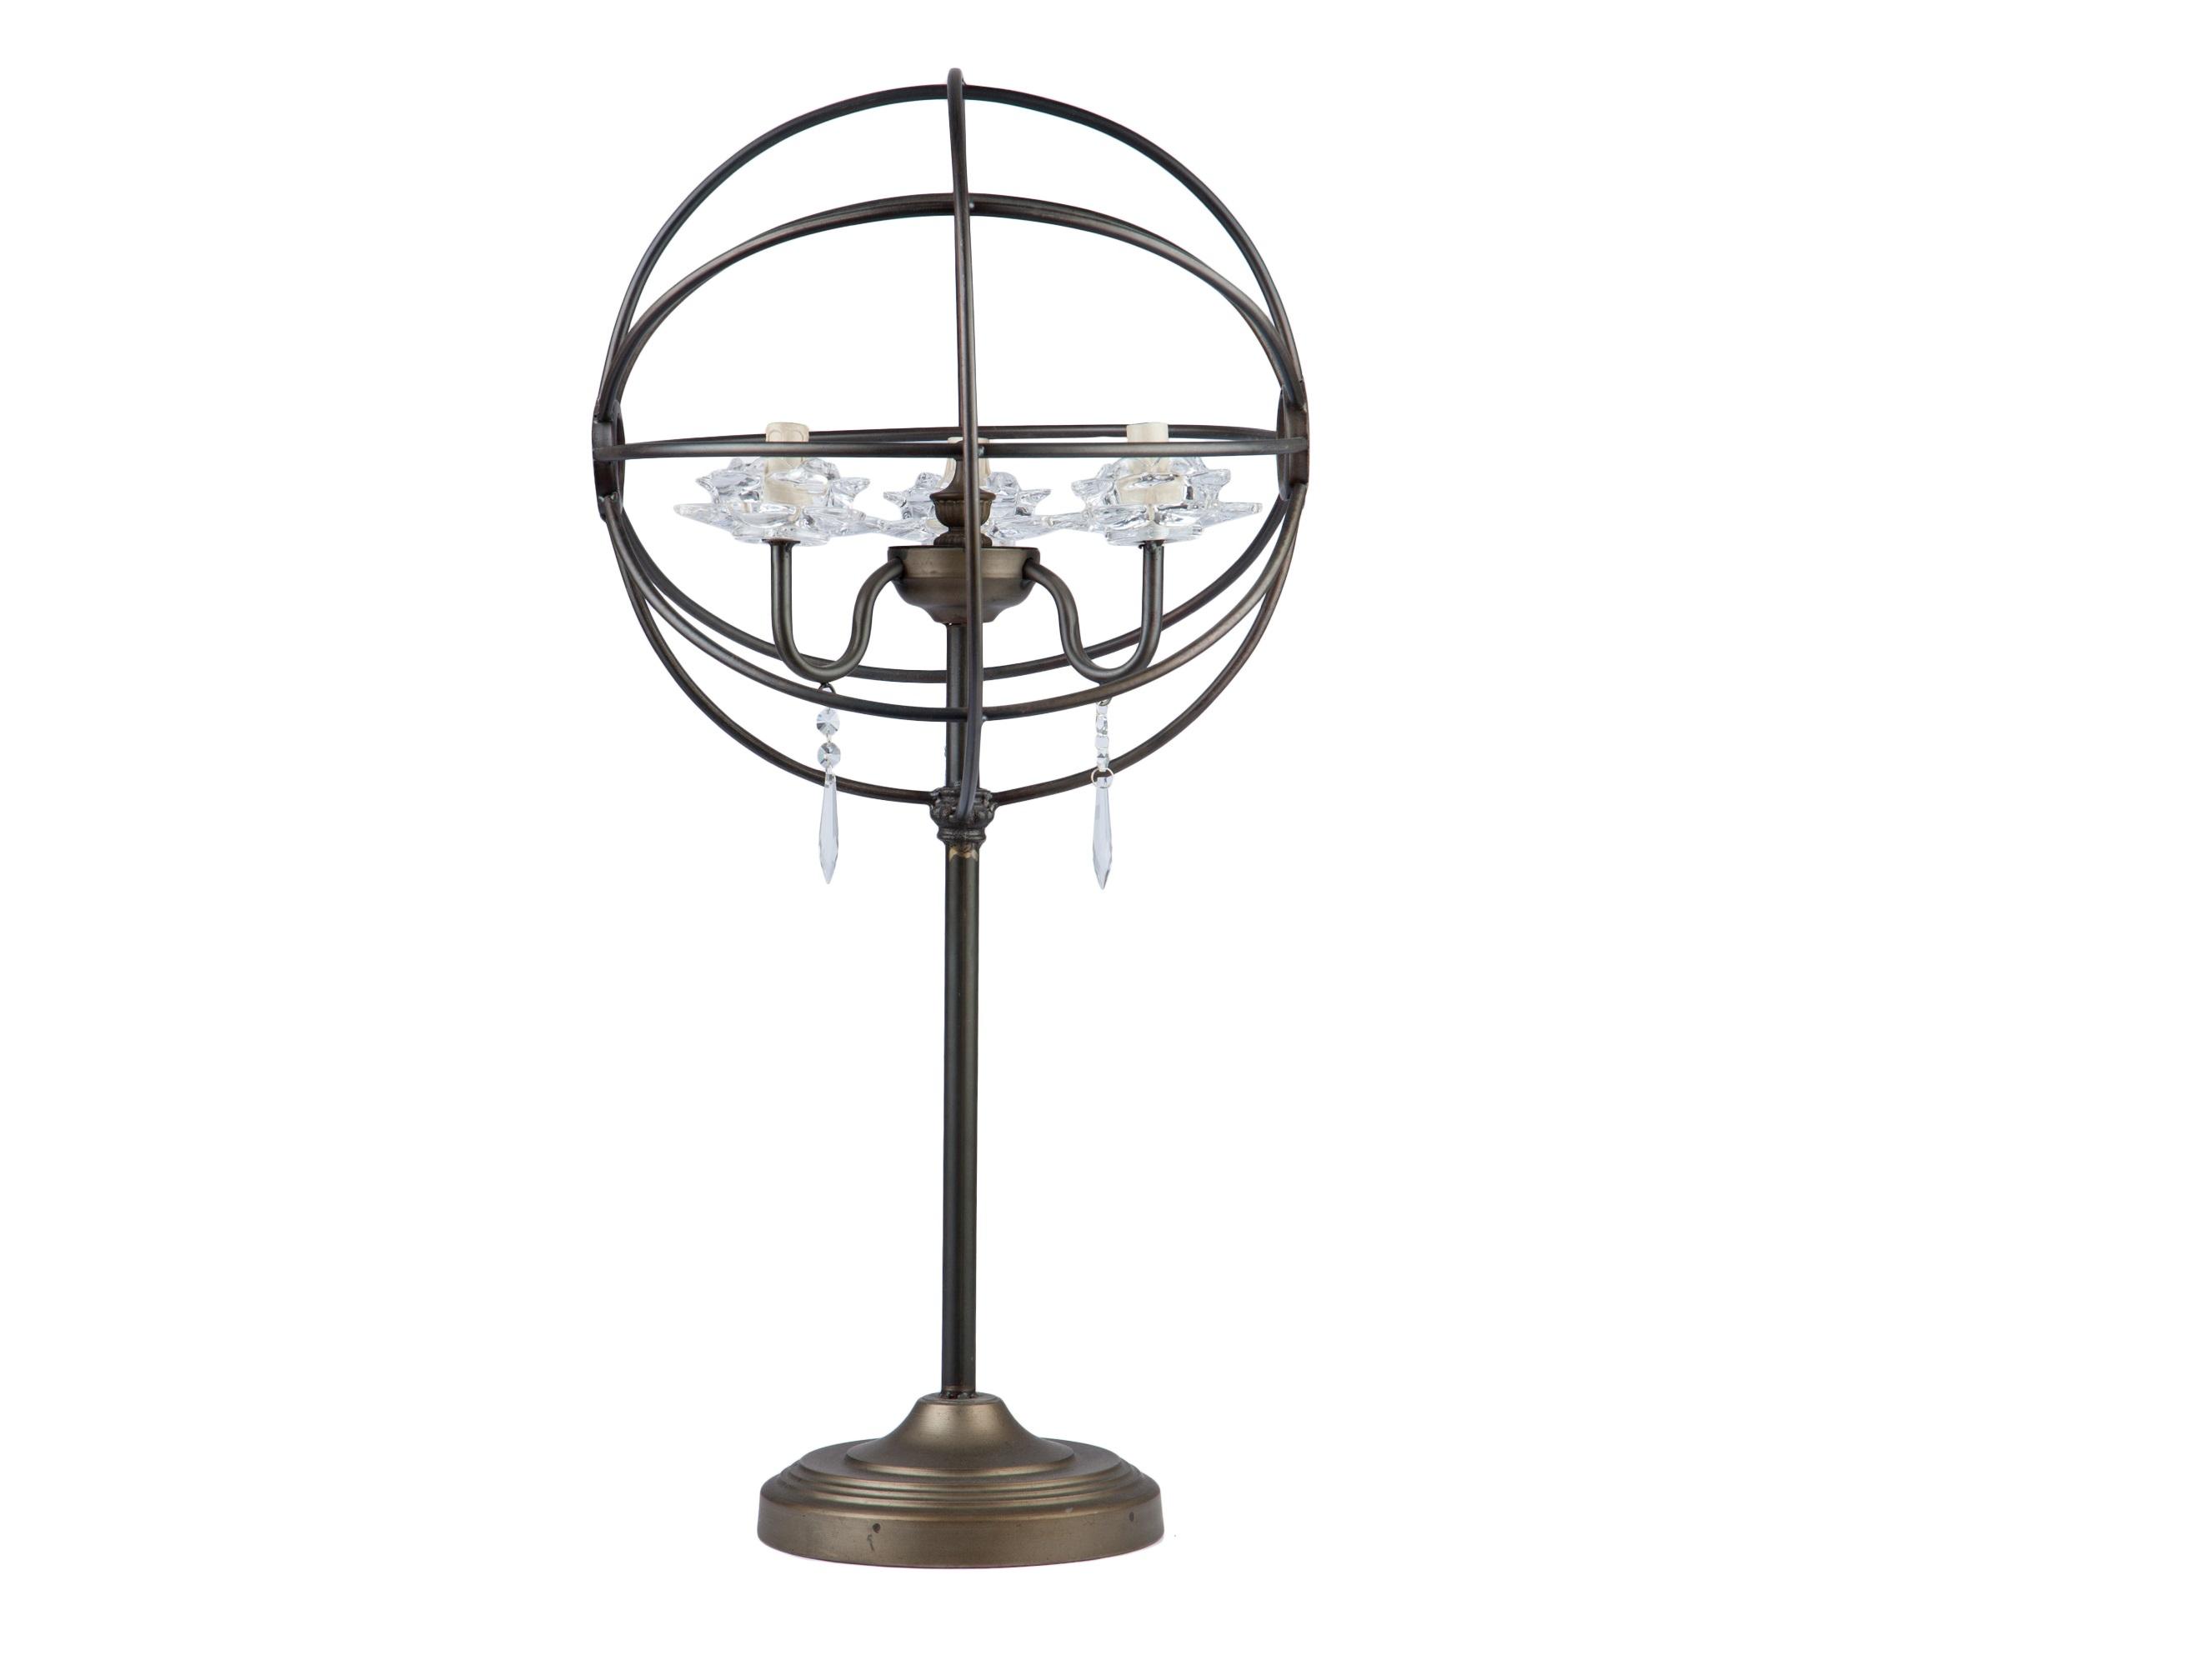 Лампа настольнаяДекоративные лампы<br>&amp;lt;div&amp;gt;Лампа в виде сферы из металла на высокой ножке, украшена стеклянным декором&amp;lt;/div&amp;gt;&amp;lt;div&amp;gt;&amp;lt;br&amp;gt;&amp;lt;/div&amp;gt;&amp;lt;div&amp;gt;Цоколь: E12&amp;lt;br&amp;gt;Мощность: 30W&amp;lt;/div&amp;gt;<br><br>Material: Металл<br>Height см: 81<br>Diameter см: 39